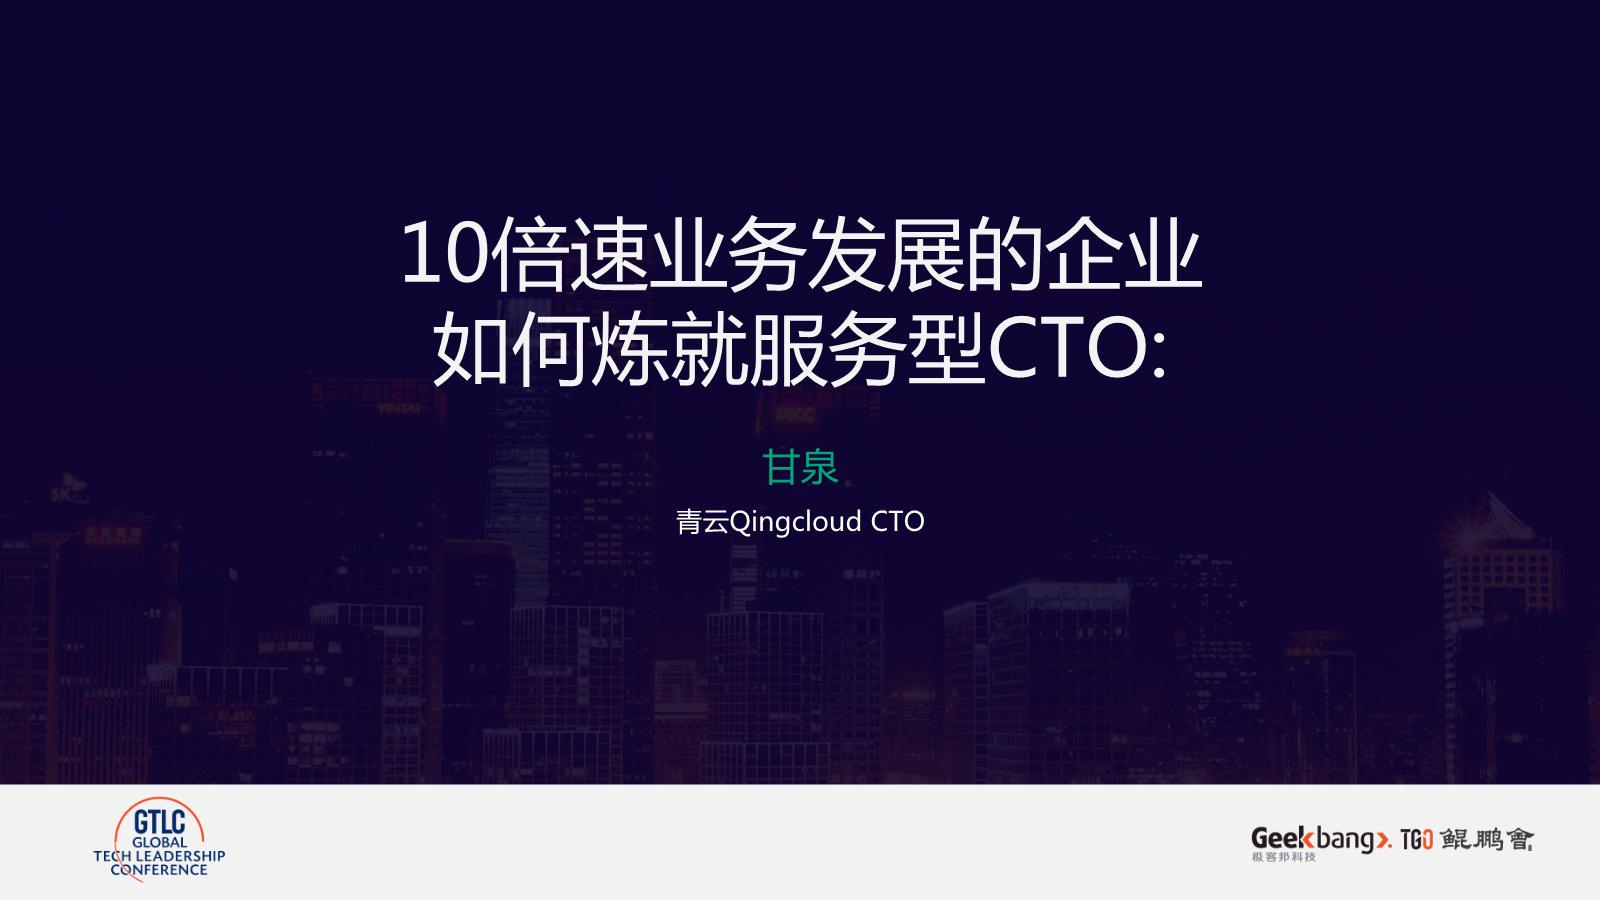 甘泉-10倍速业务发展的企业如何炼就服务型CTO